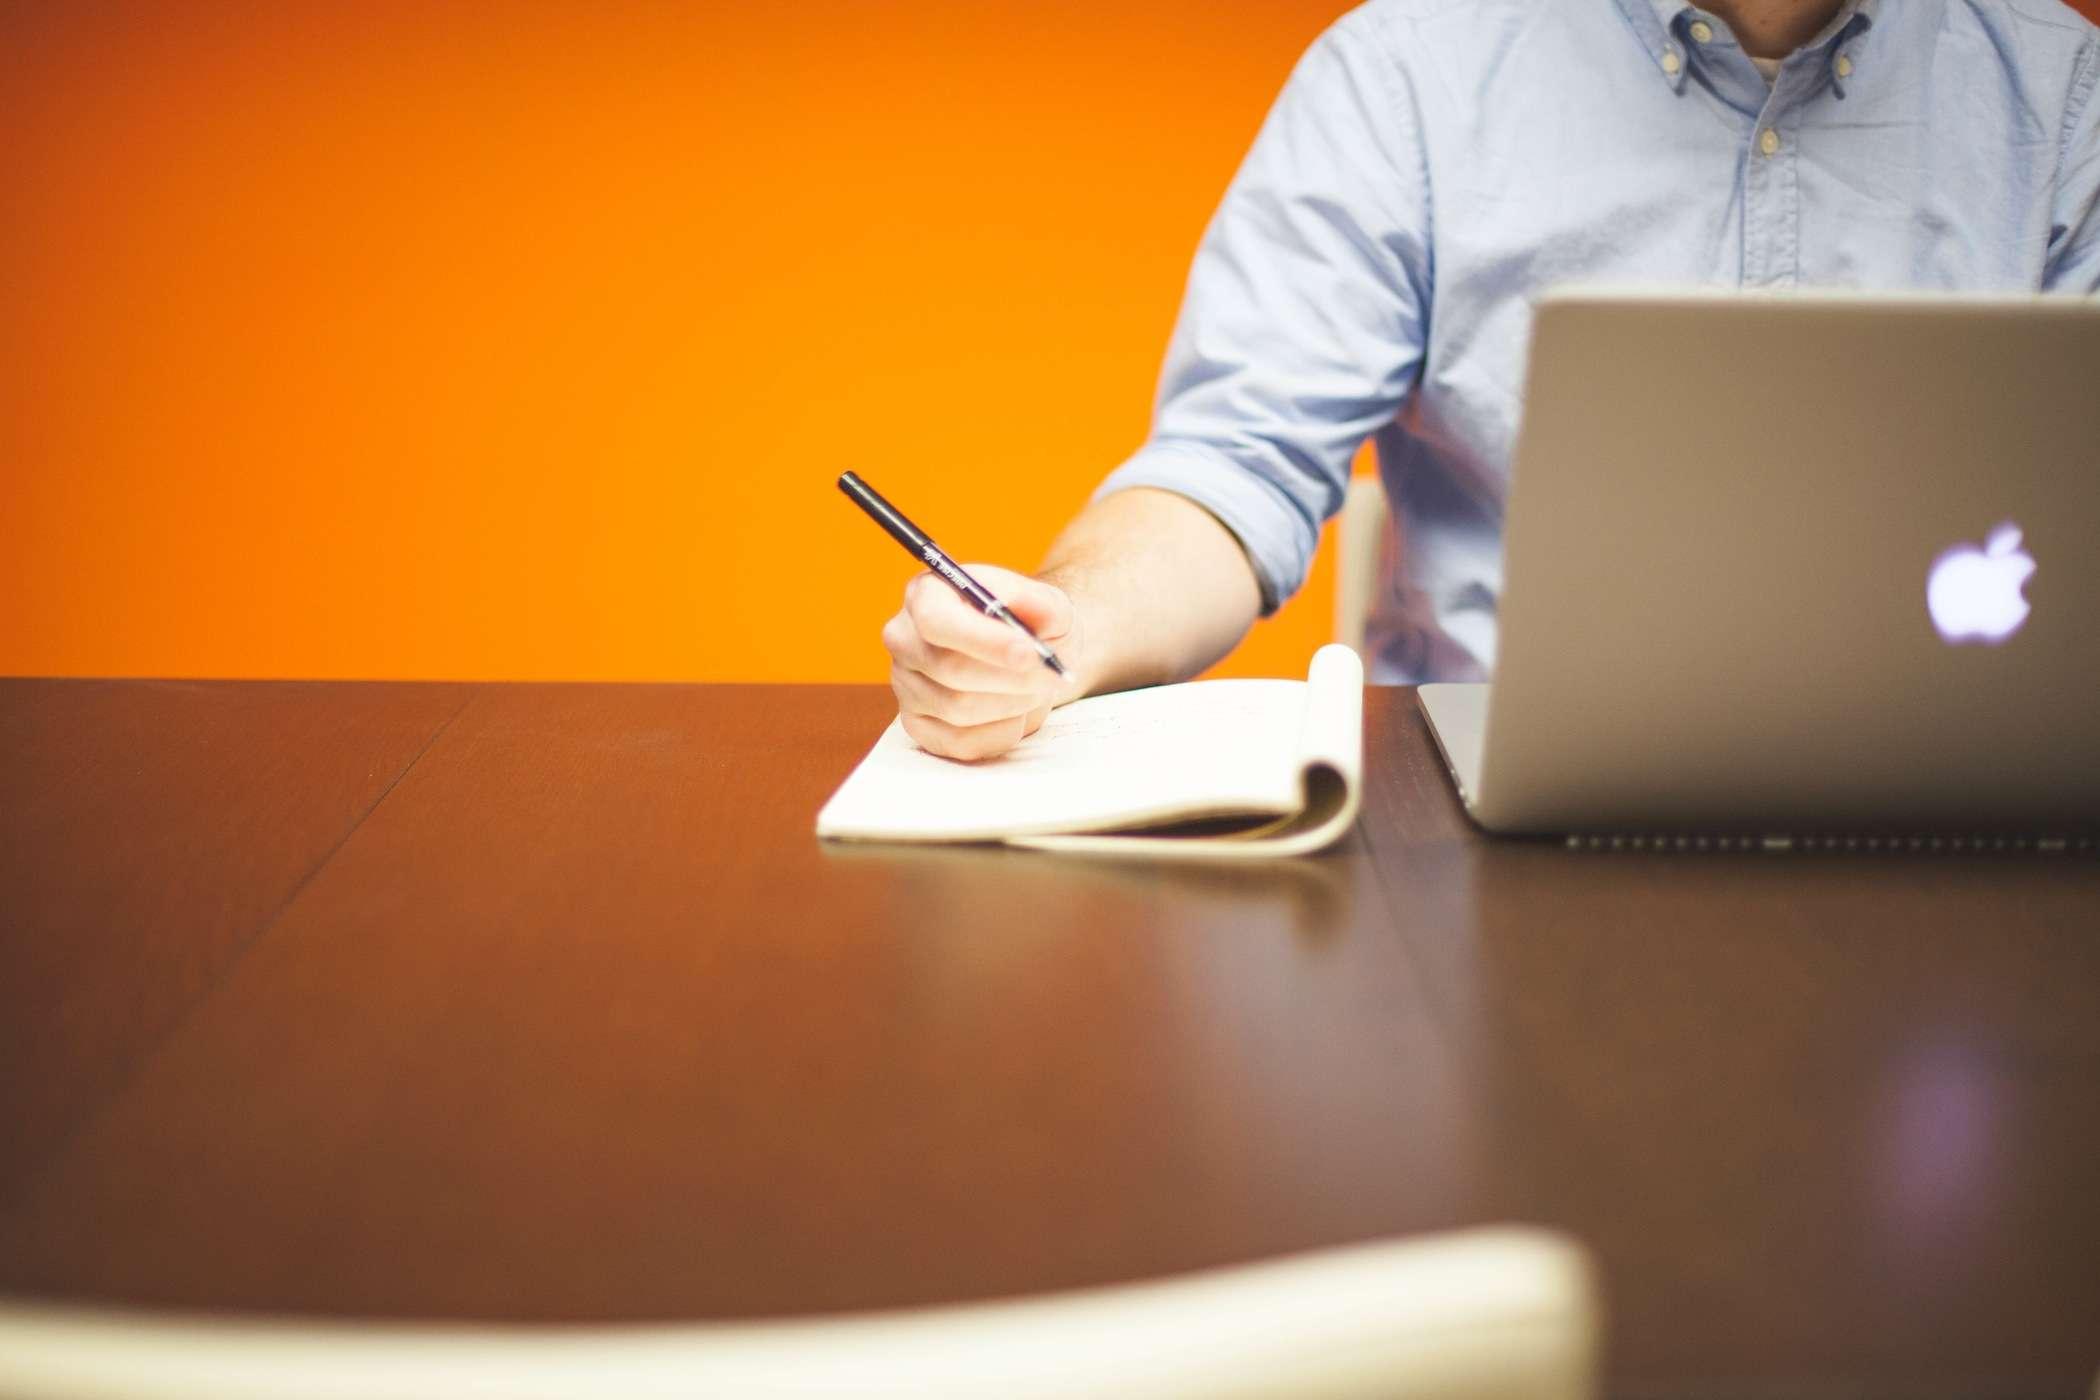 Arbeitszeit berechnen: so geht es schnell und einfach